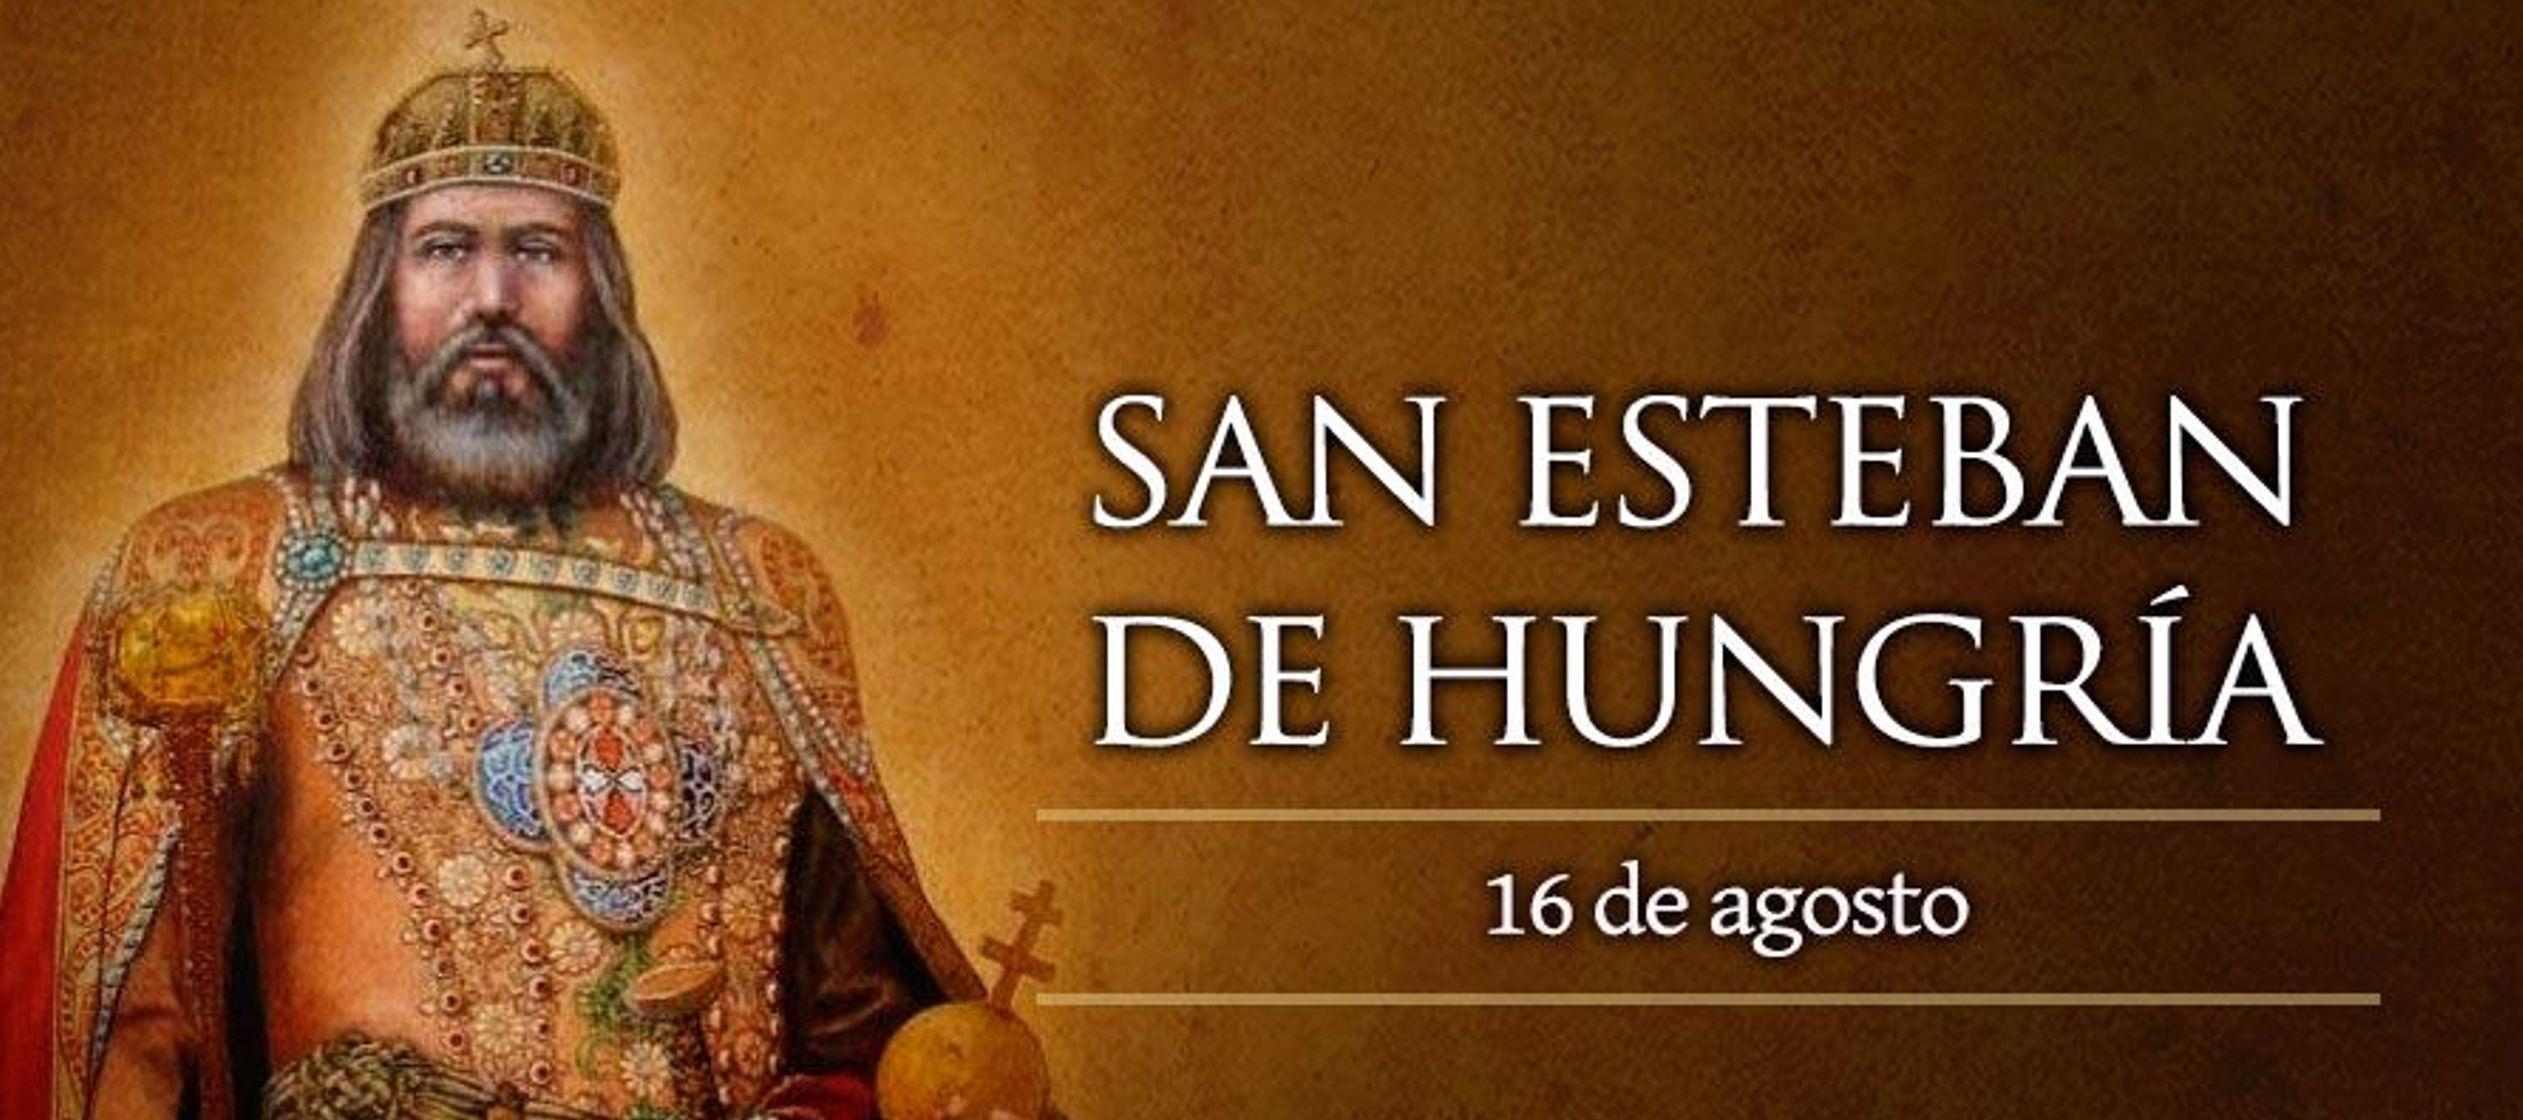 Fue bautizado por San Adalberto y tuvo la suerte de casarse con Gisela, la hermana de San Enrique...